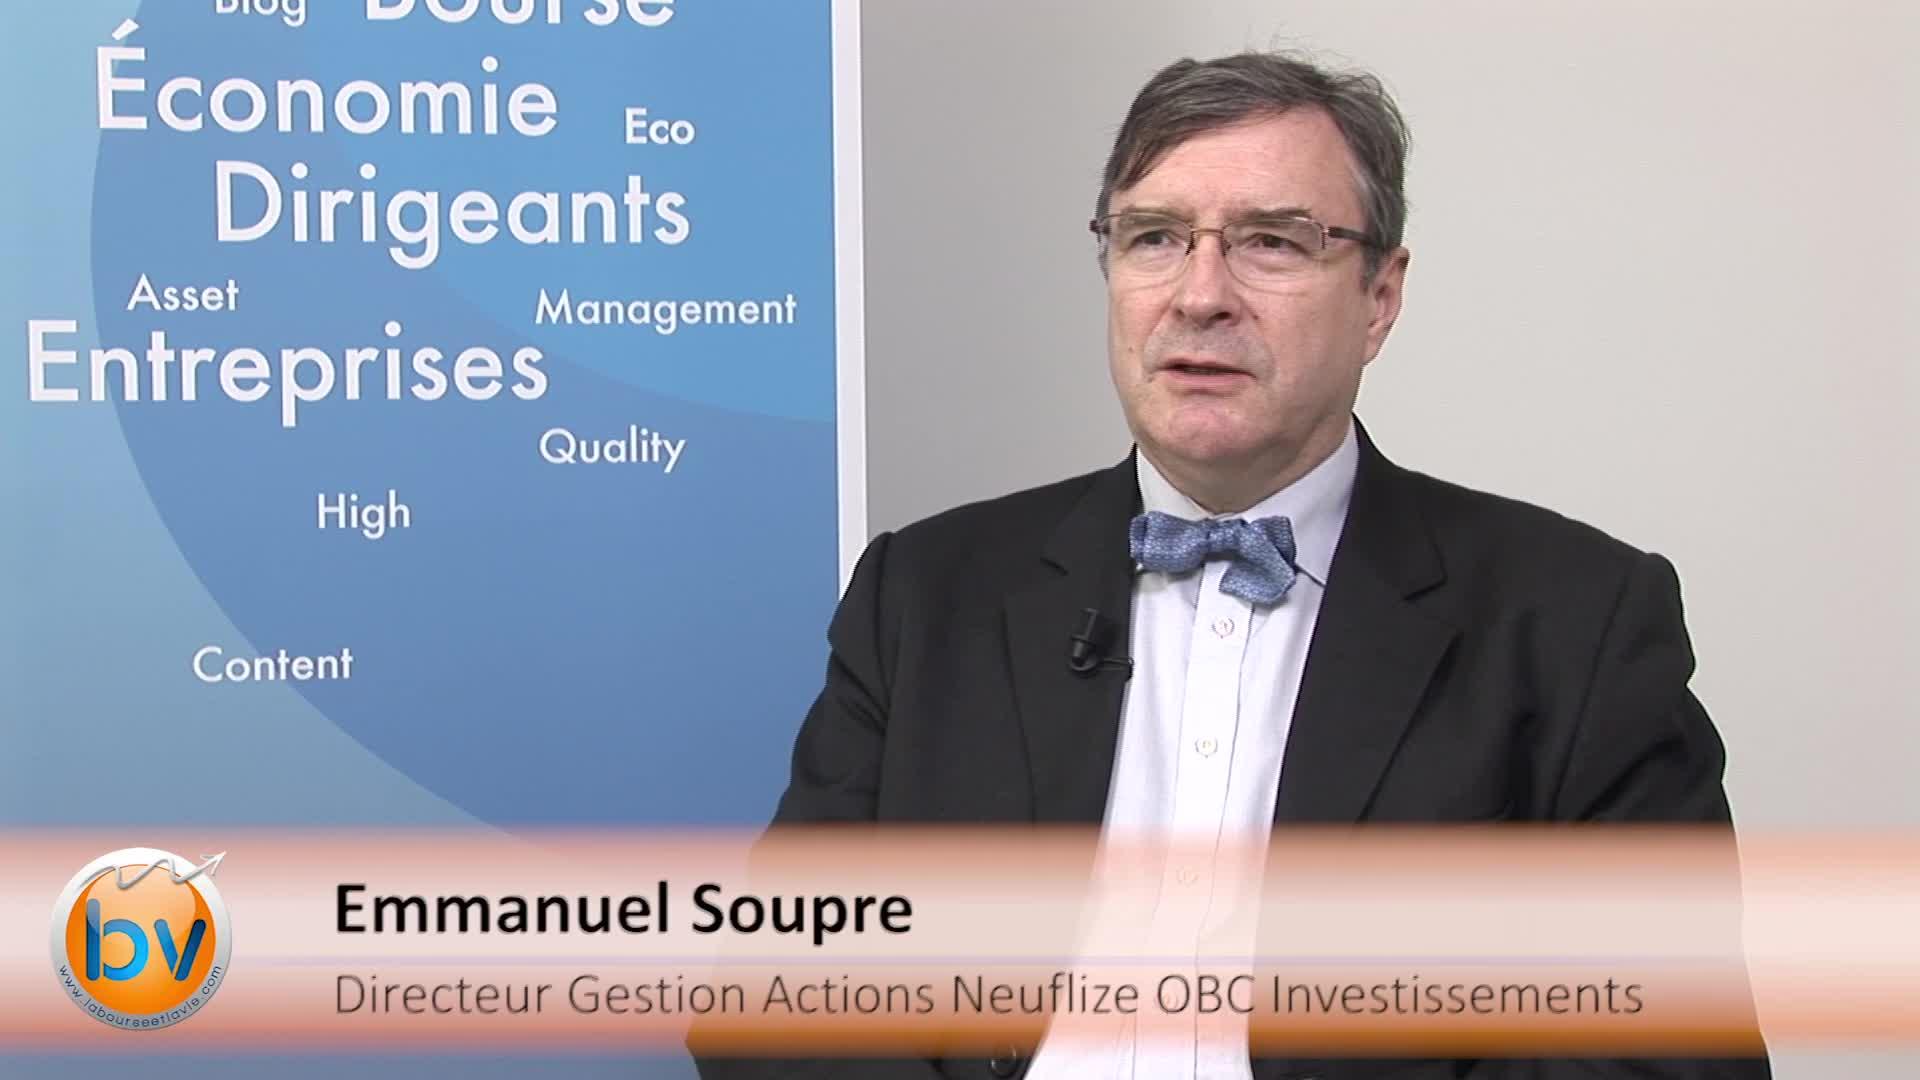 Emmanuel Soupre Directeur Gestion Actions Neuflize OBC Investissements : «Il y a des opportunités sur les actions»